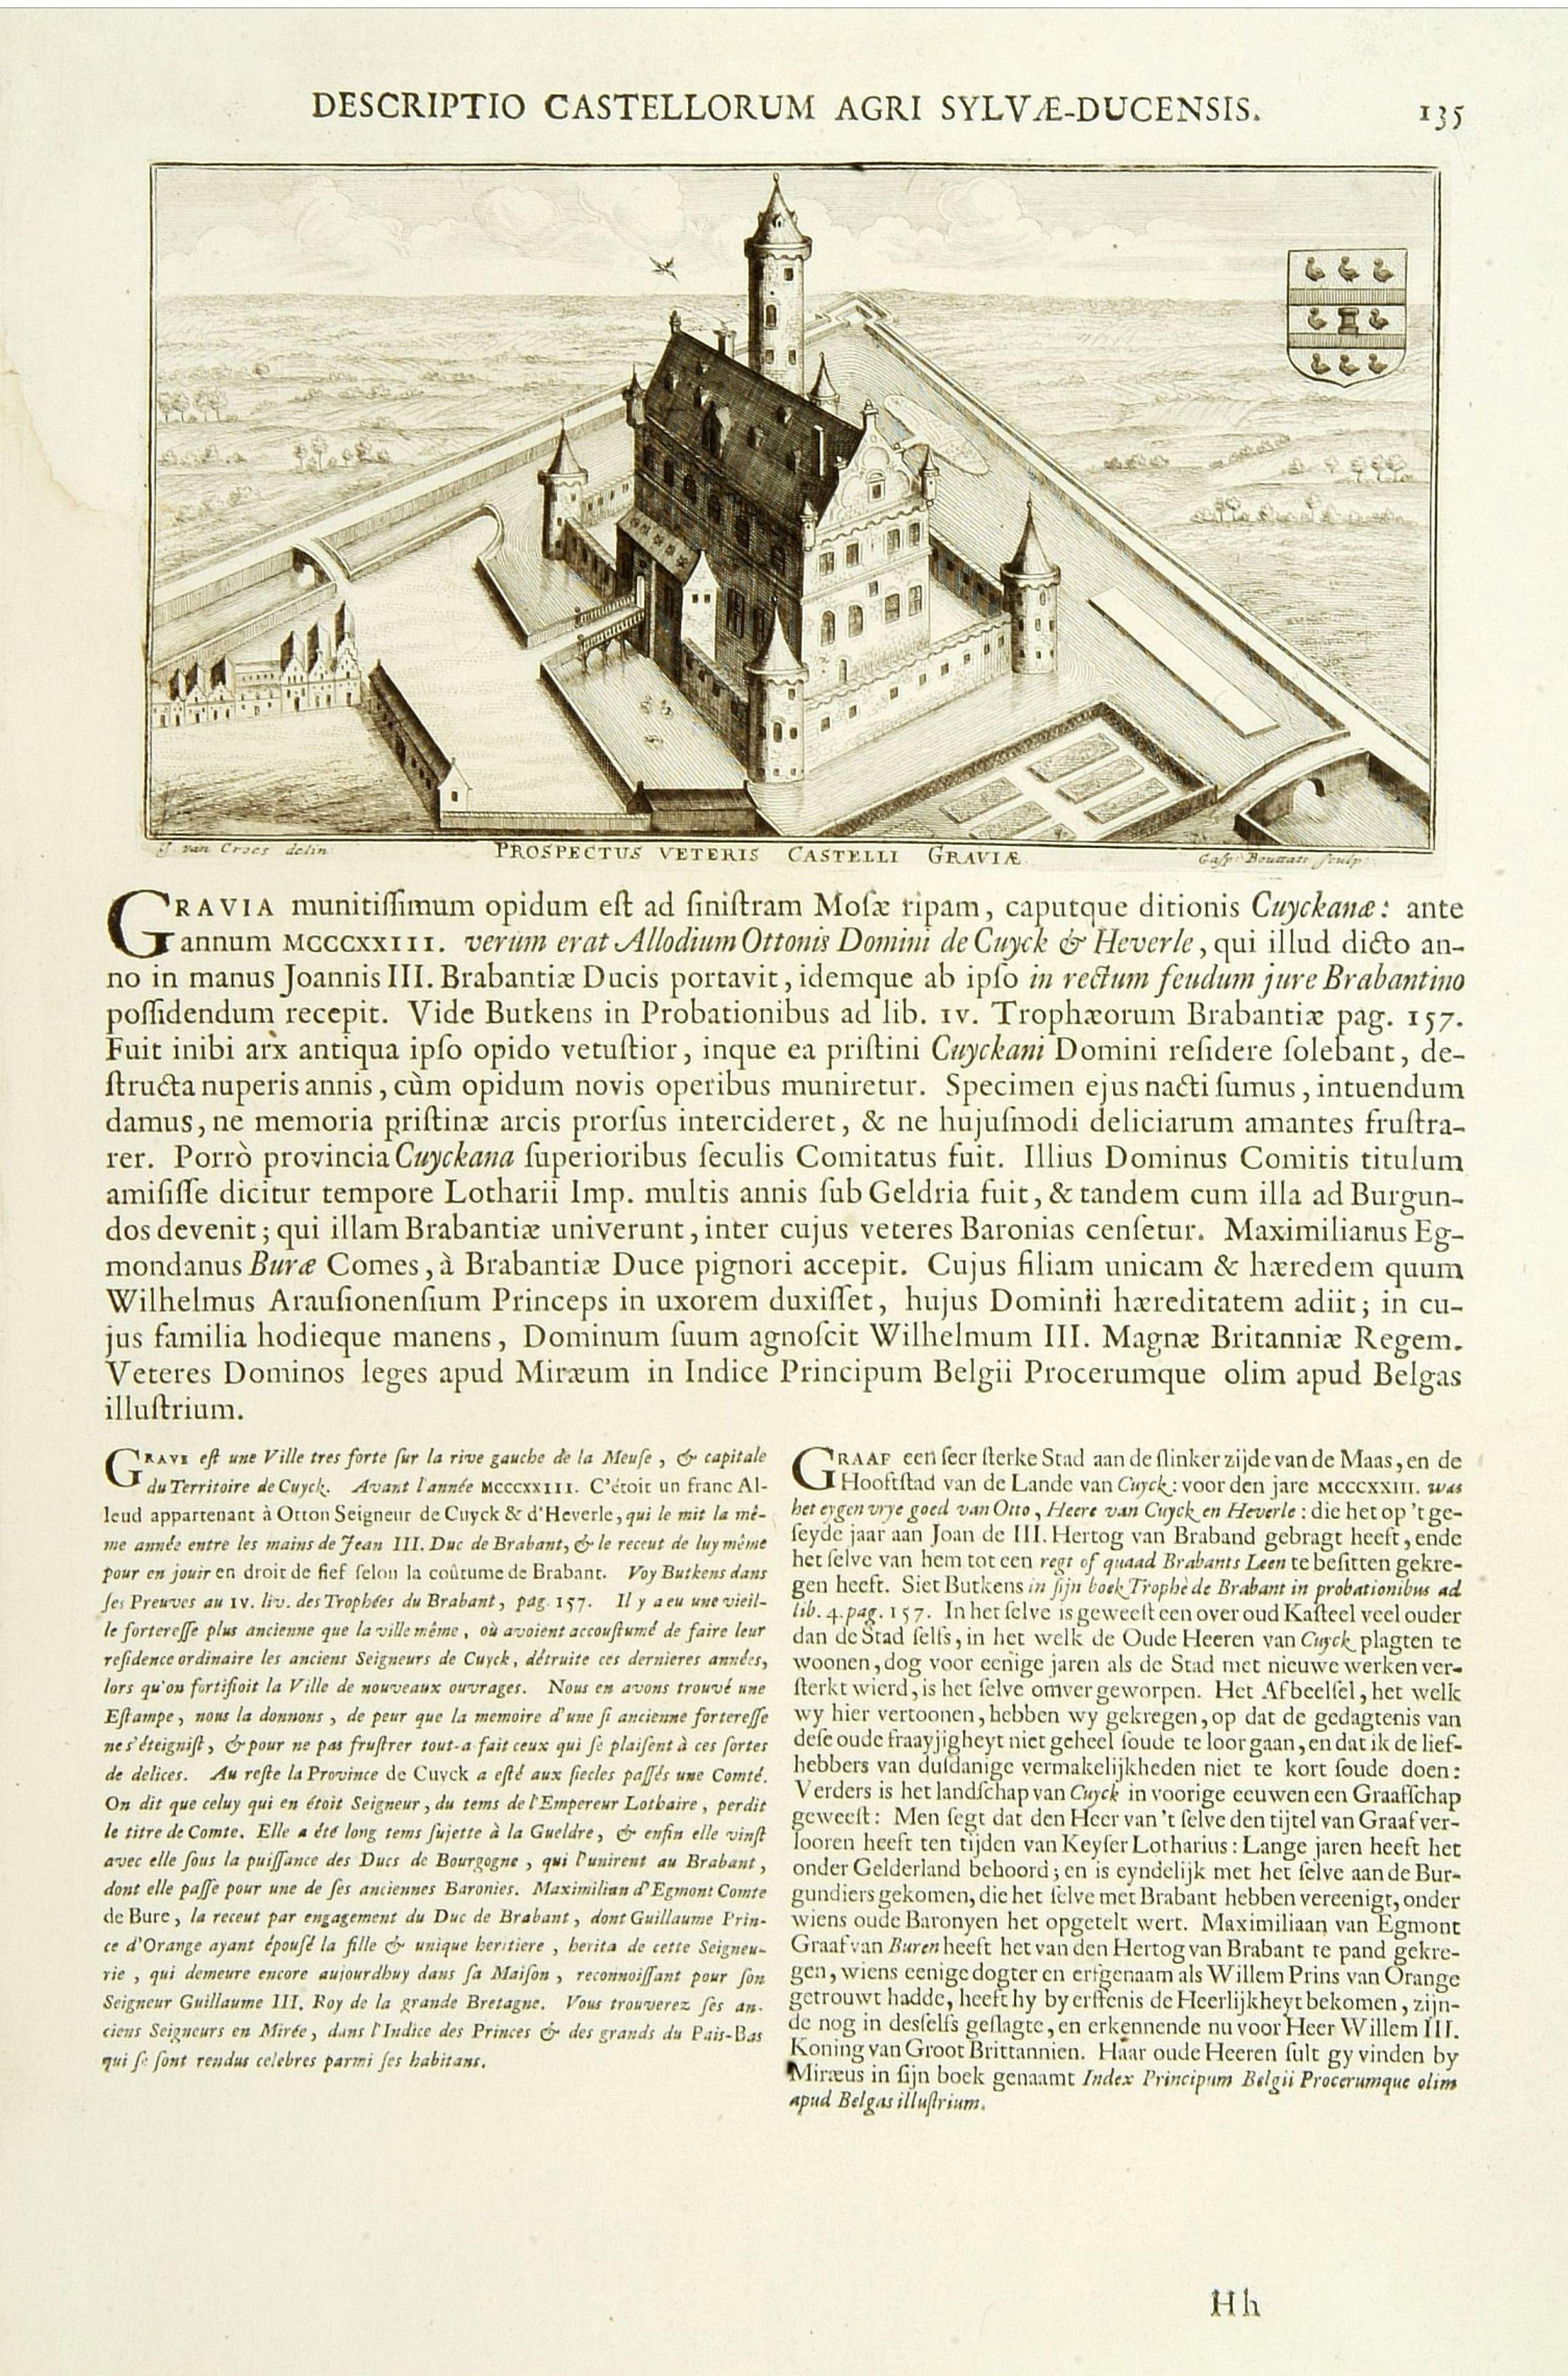 LE ROY, J. -  Prospectus veteris castelli Graviae.